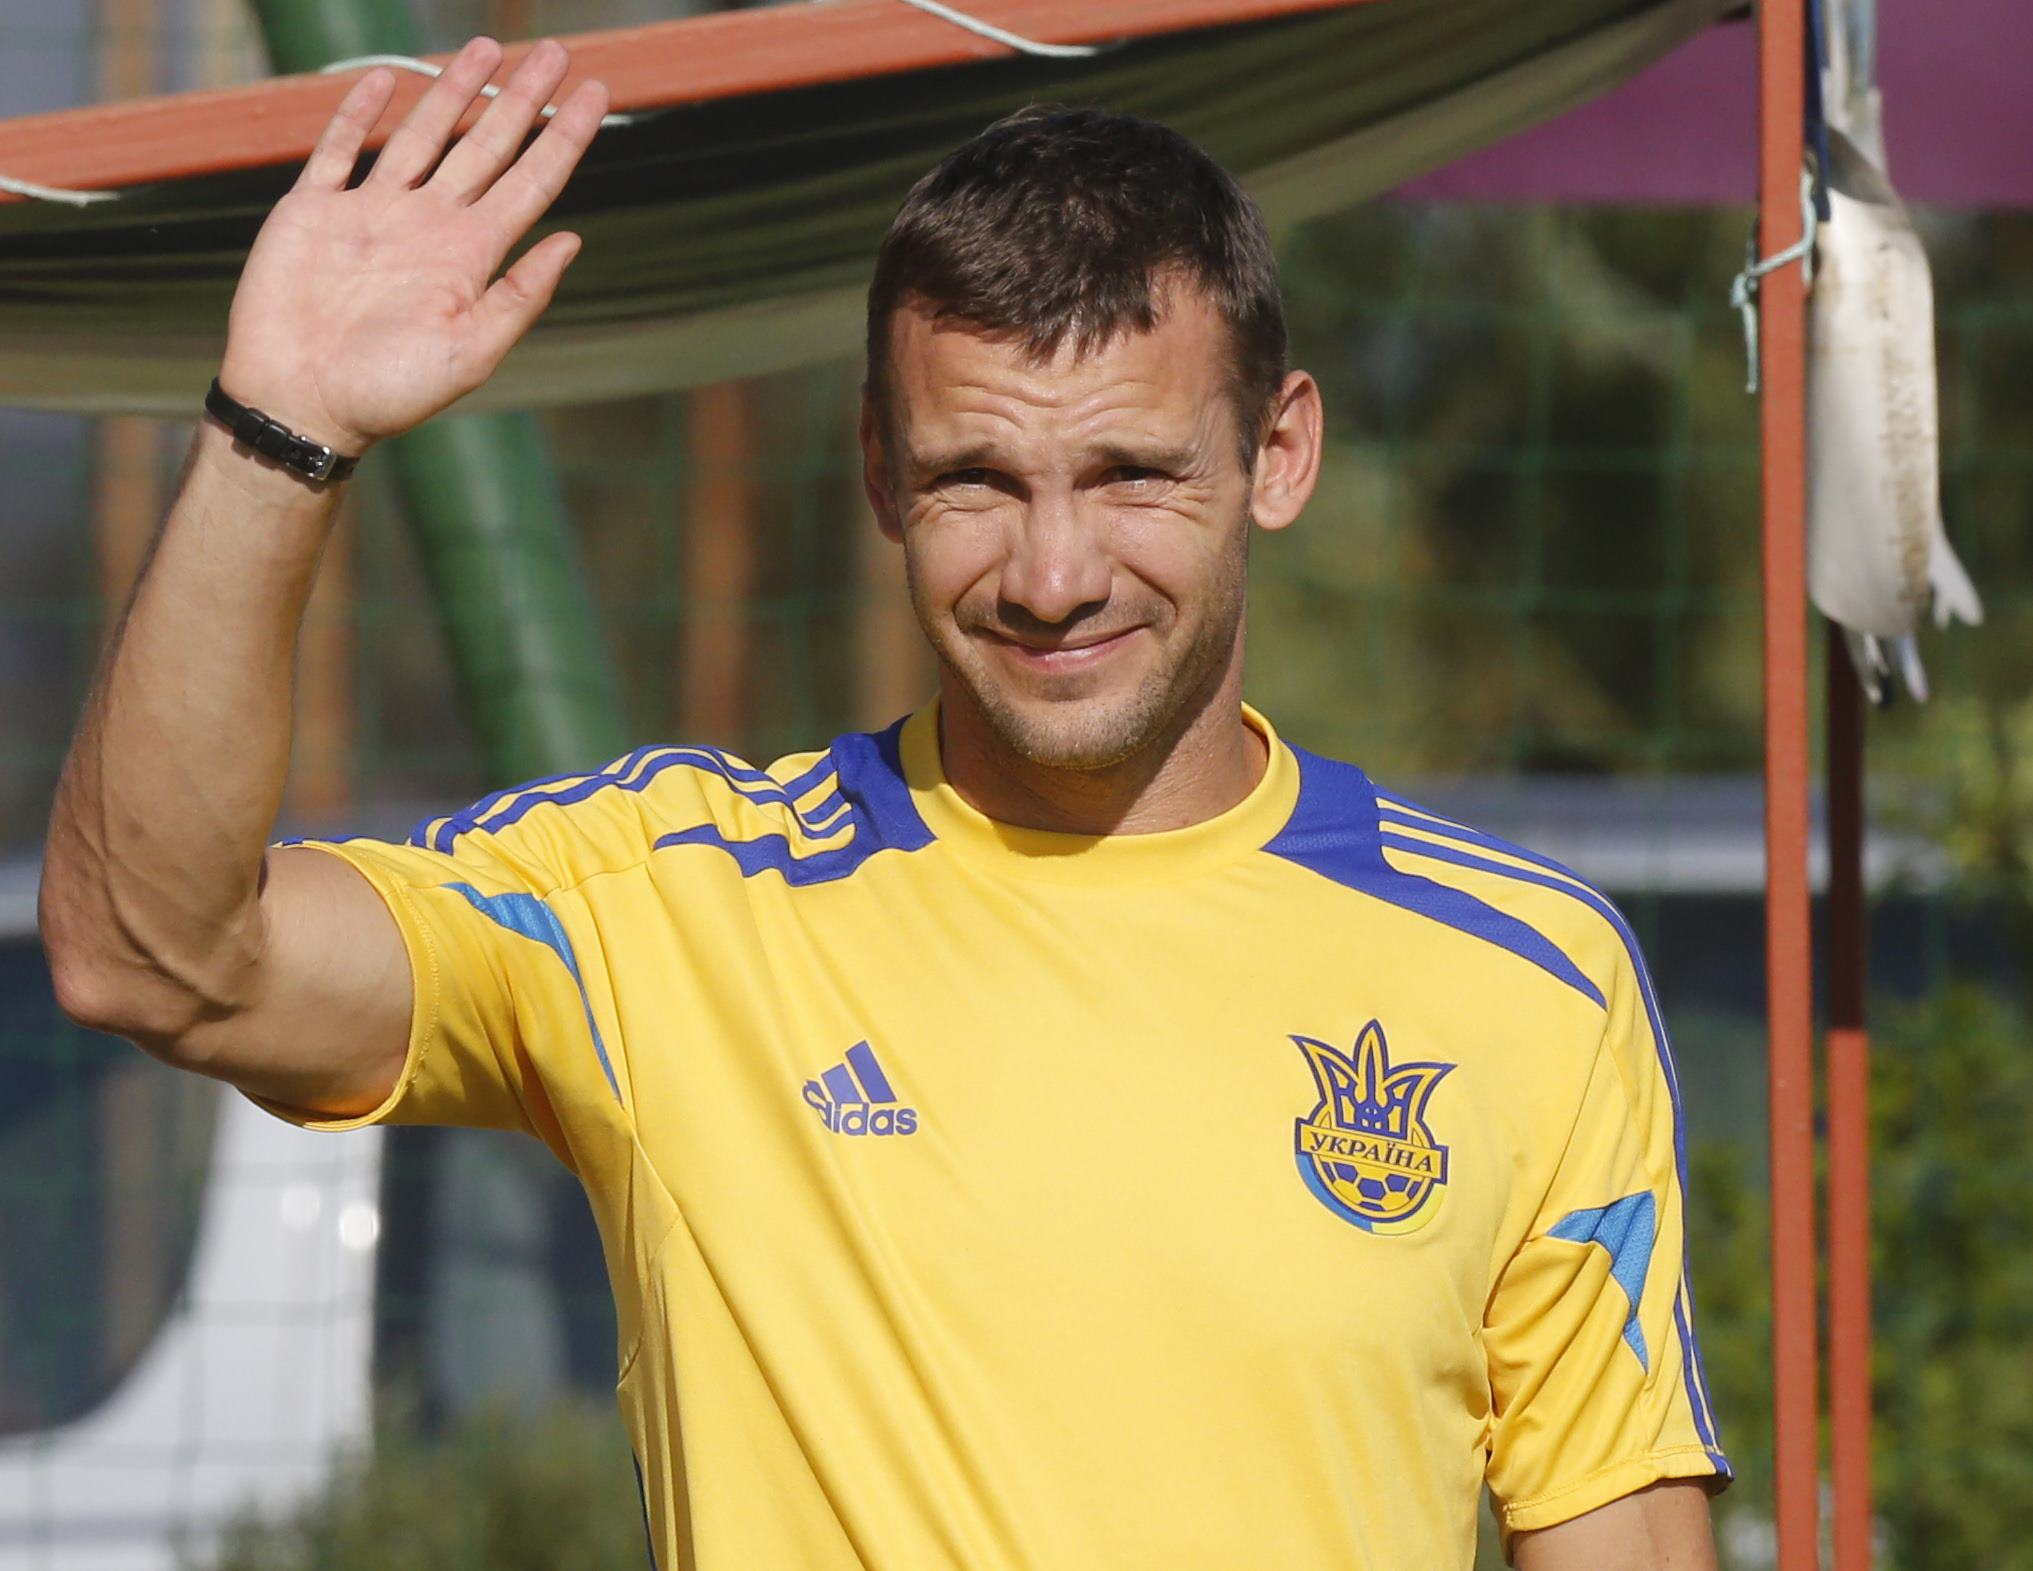 Андрей Шевченко считает, что Криштиану Роналду получил Золотой мяч заслужено